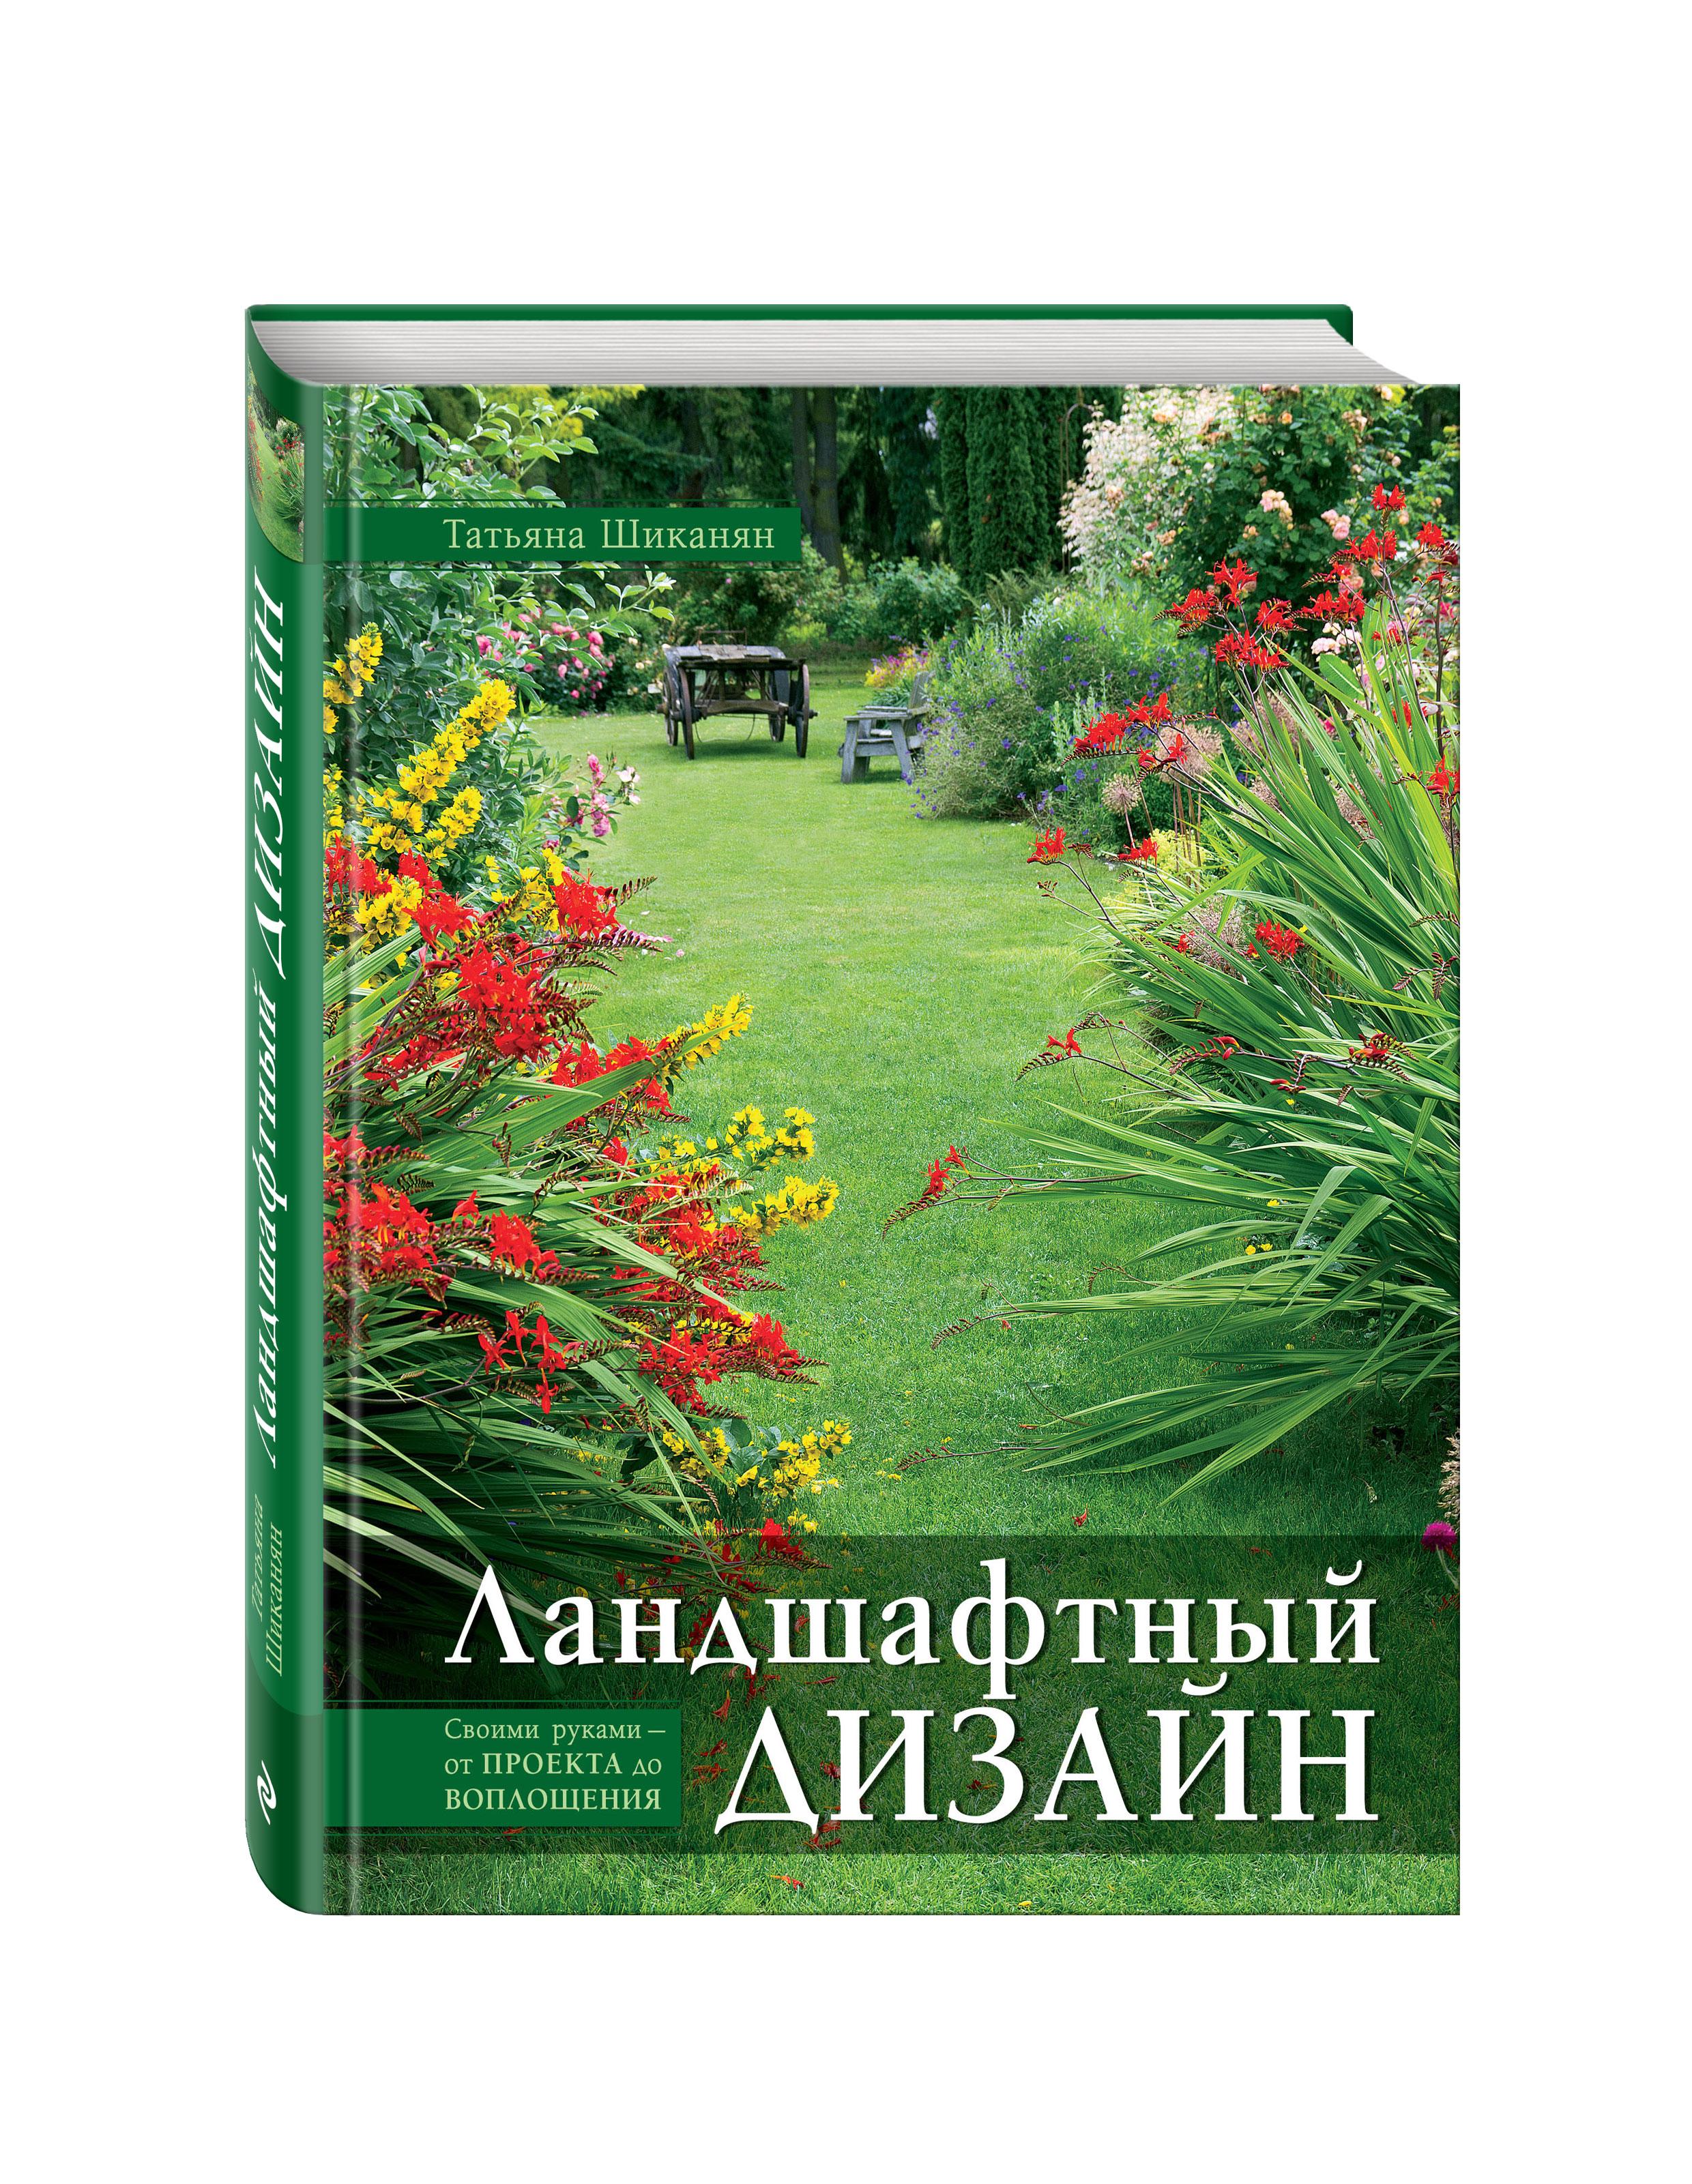 Ландшафтный дизайн. Своими руками - от проекта до воплощения ( Шиканян Т.Д.  )